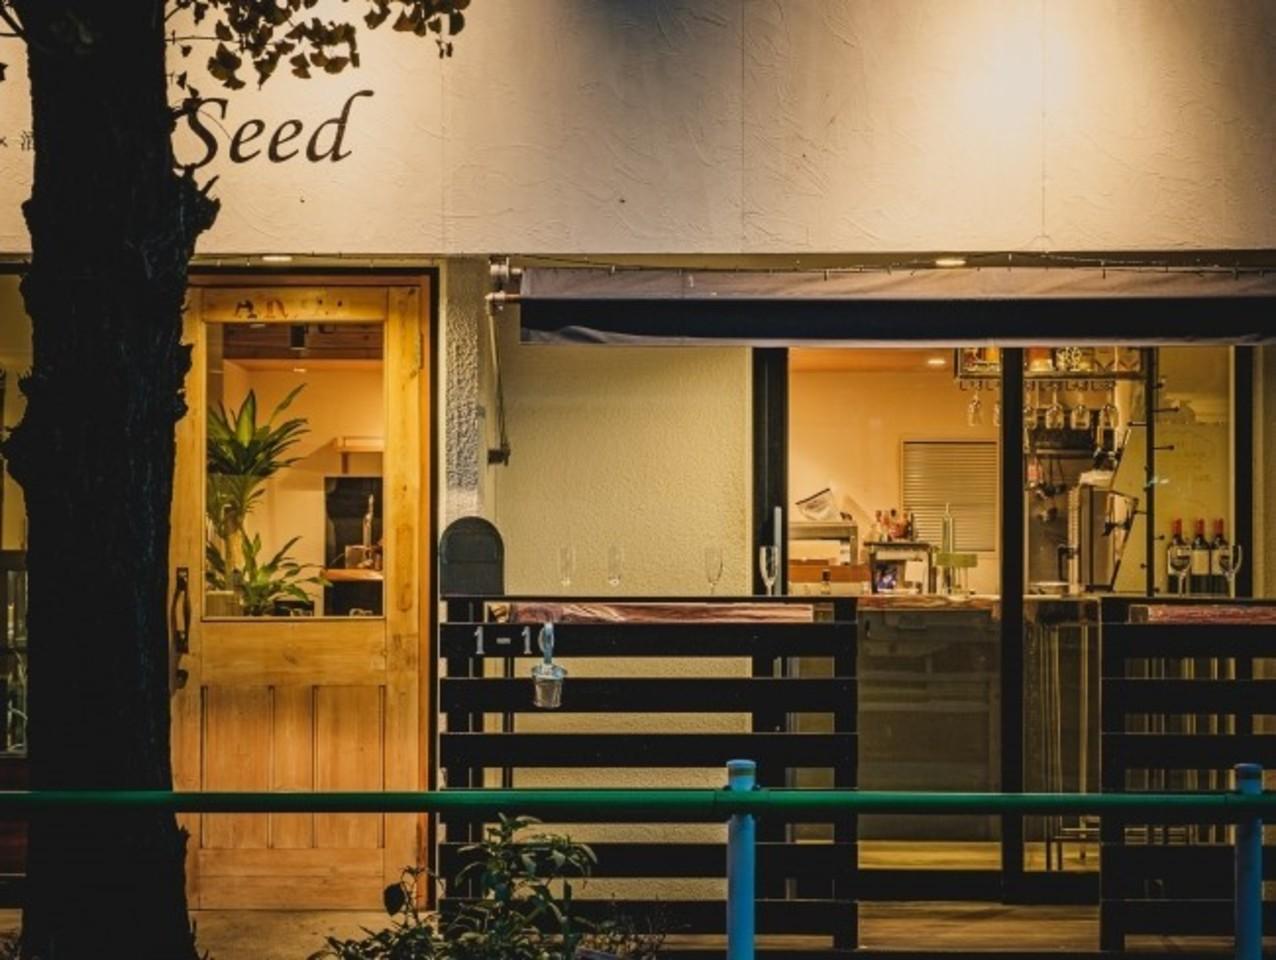 ありそうでなかったスタンディングフレンチ...東京都港区芝浦2丁目の「フレンチ×酒場シード」